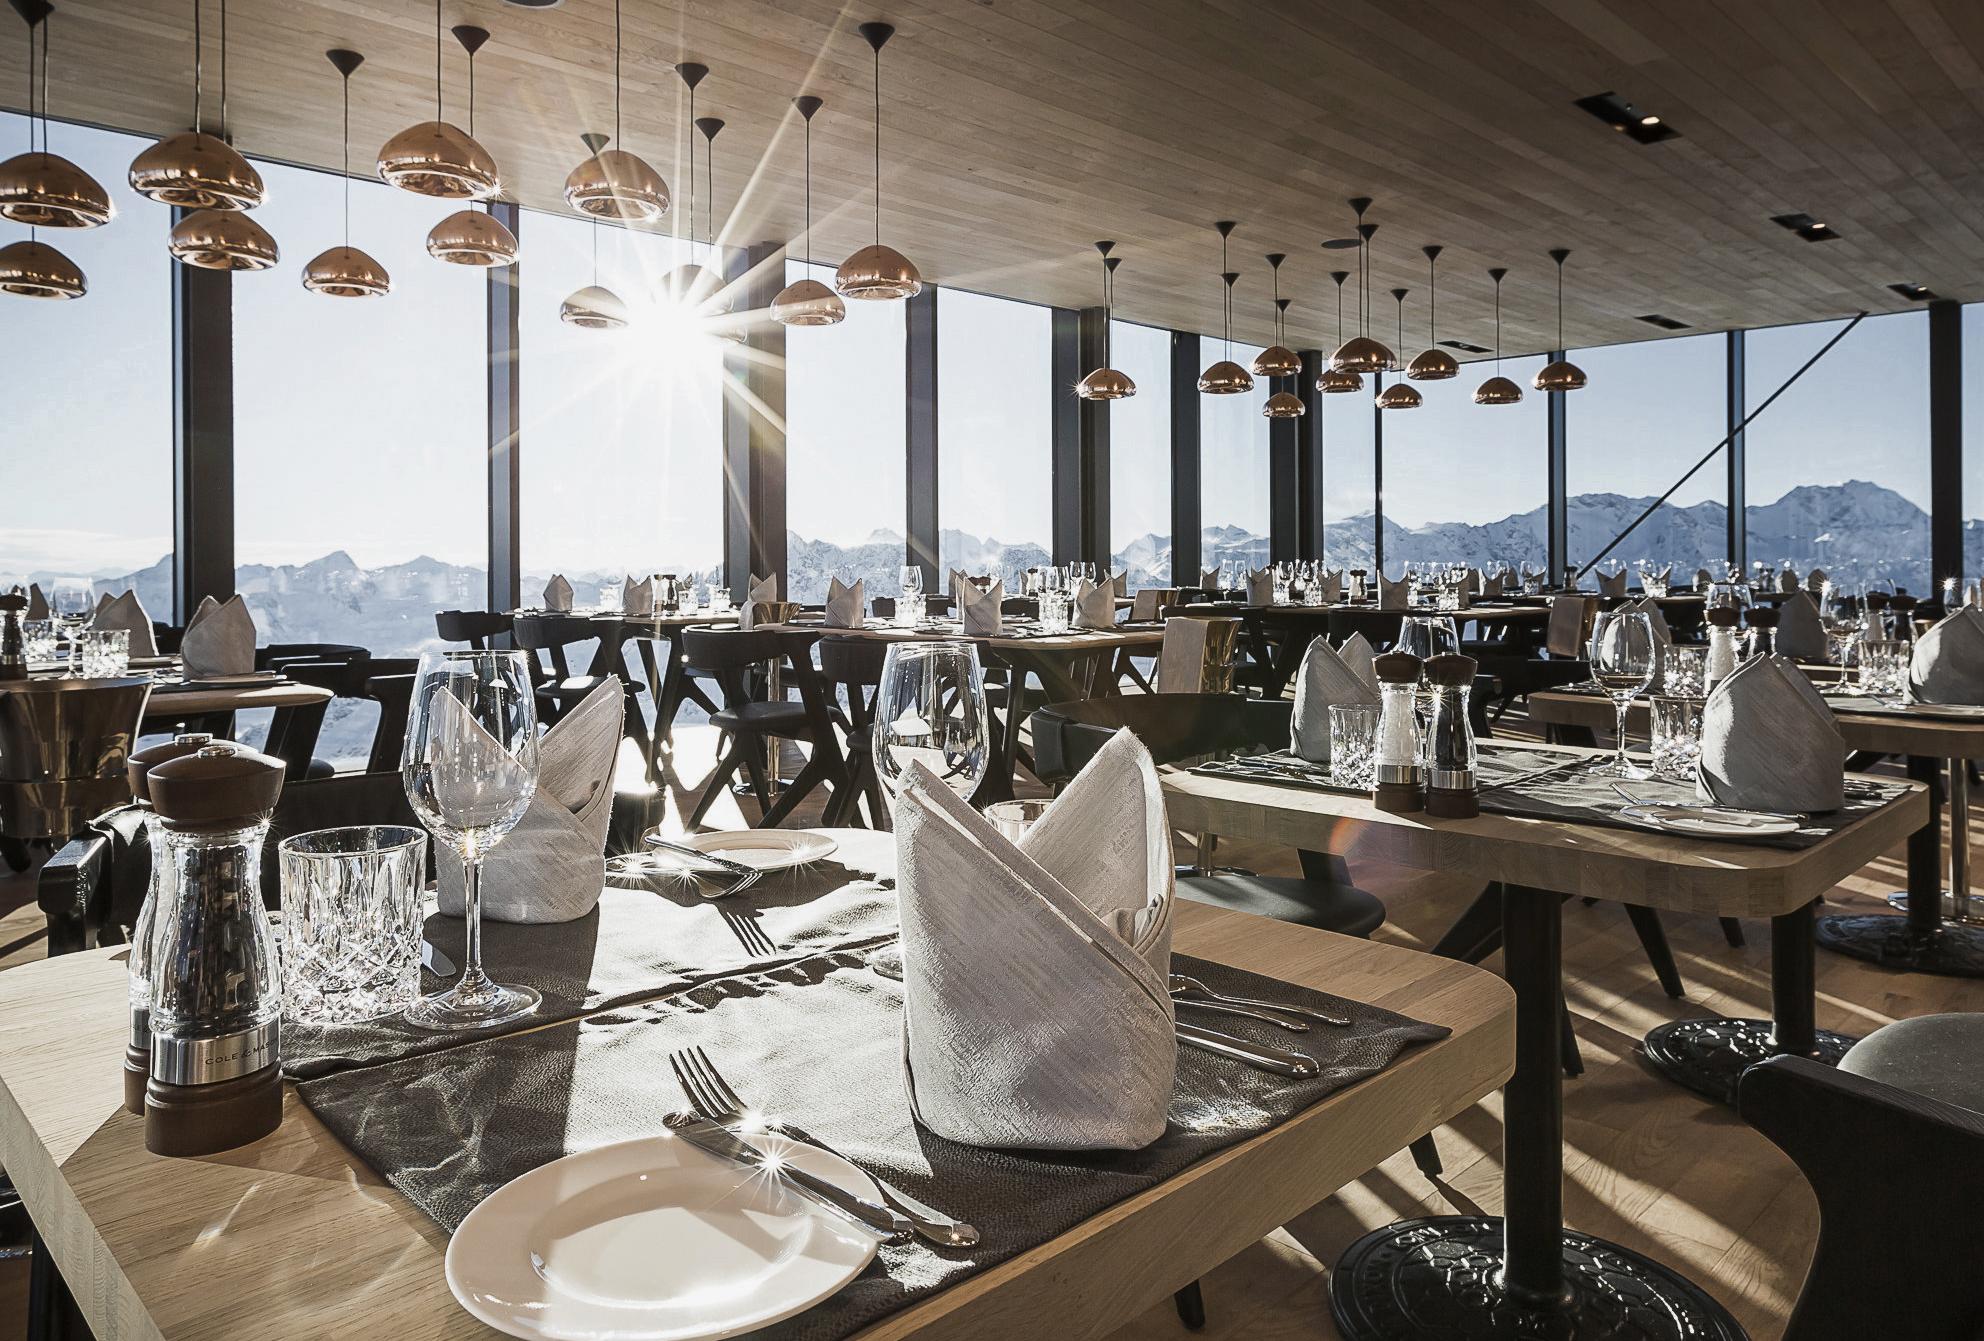 Austria - ice Q restaurant dining room